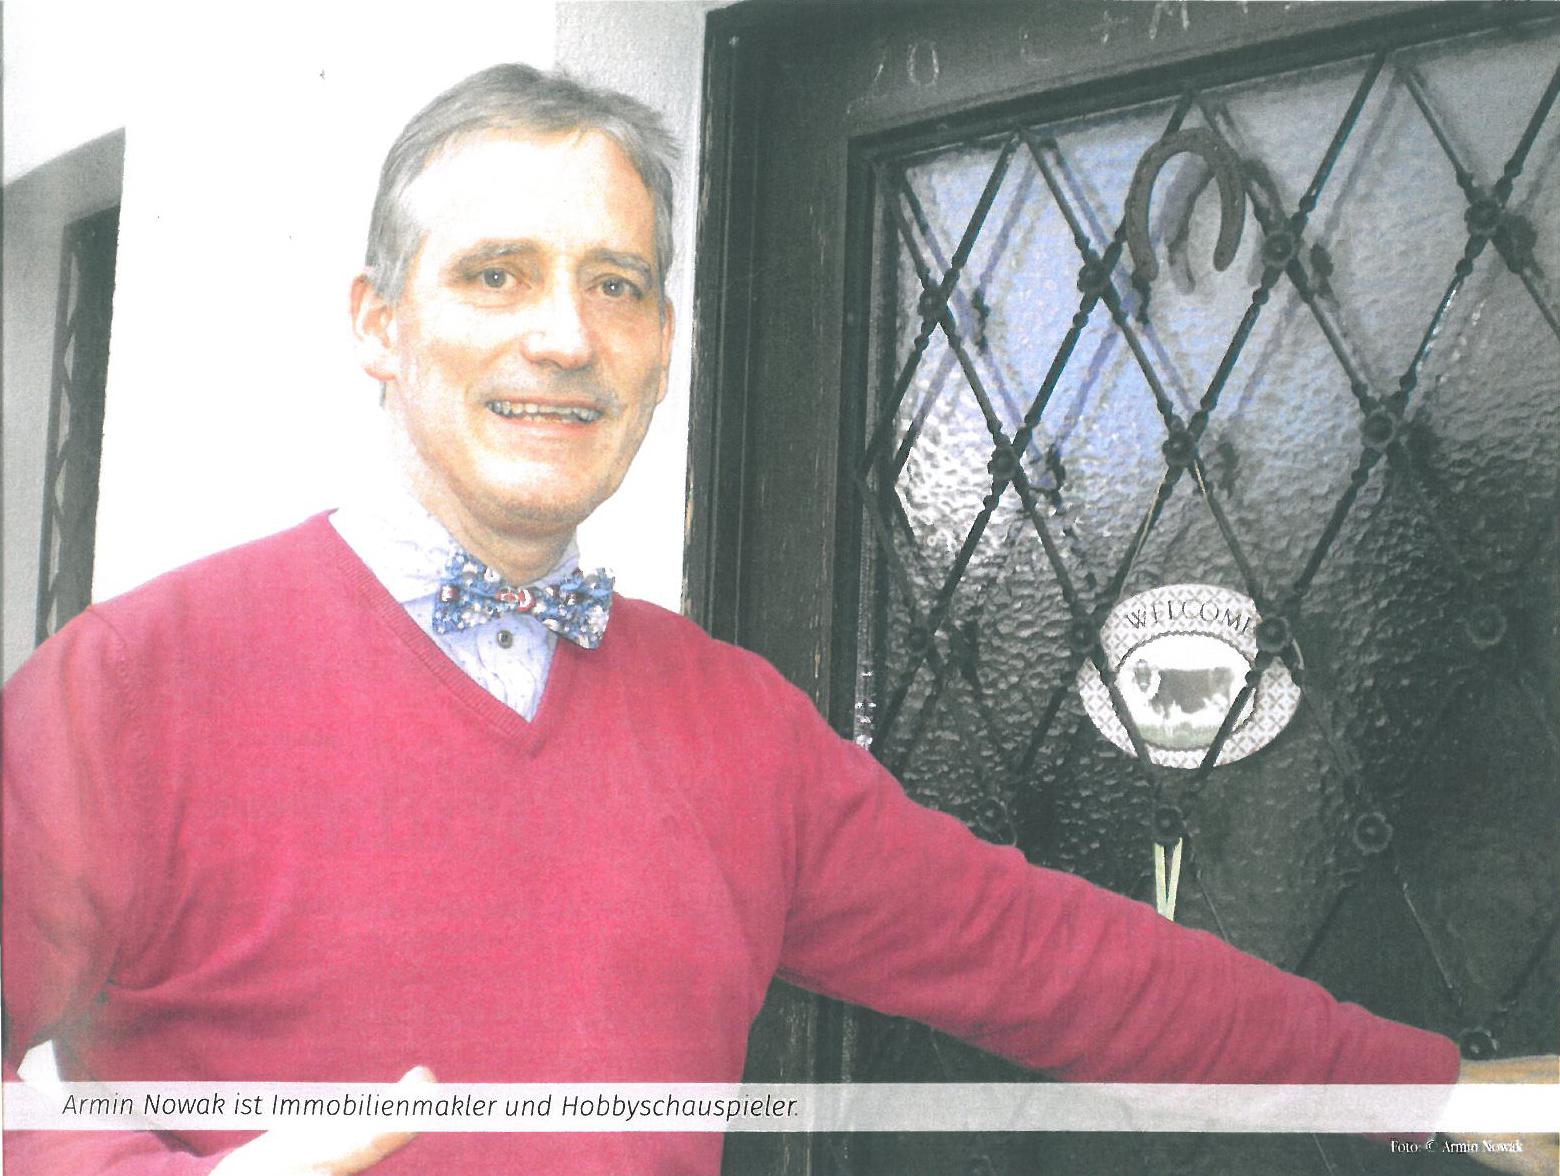 Vorstand und Hobbyschauspieler Armin Nowak Vorstand der Nowak Immobilien AG